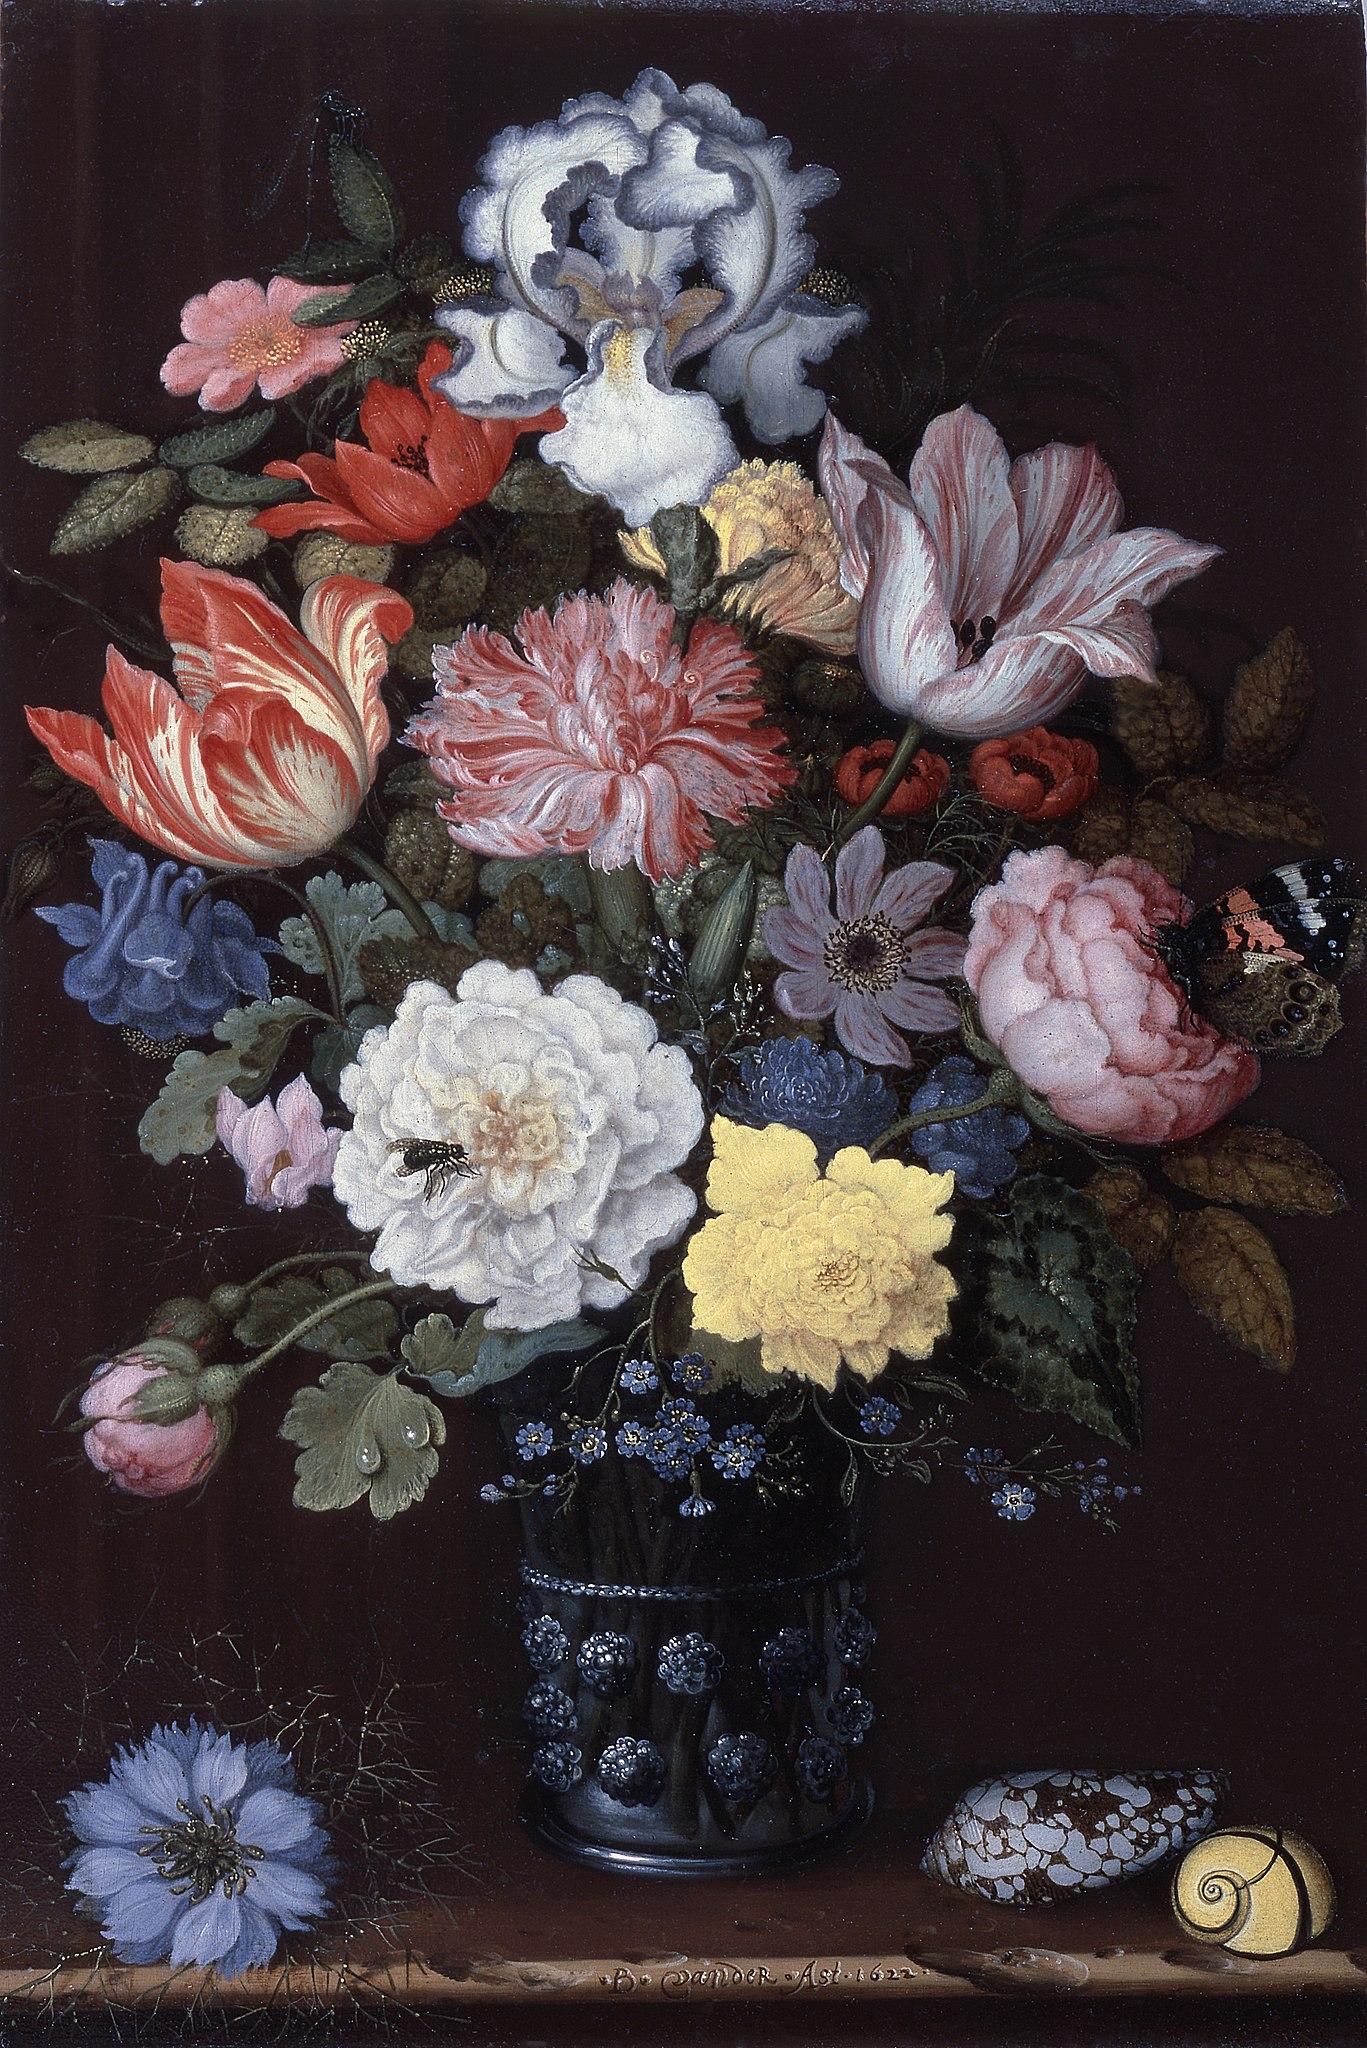 Balthasar van der Ast - Floral Still Life with Shells - 172-1955 - Saint Louis Art Museum